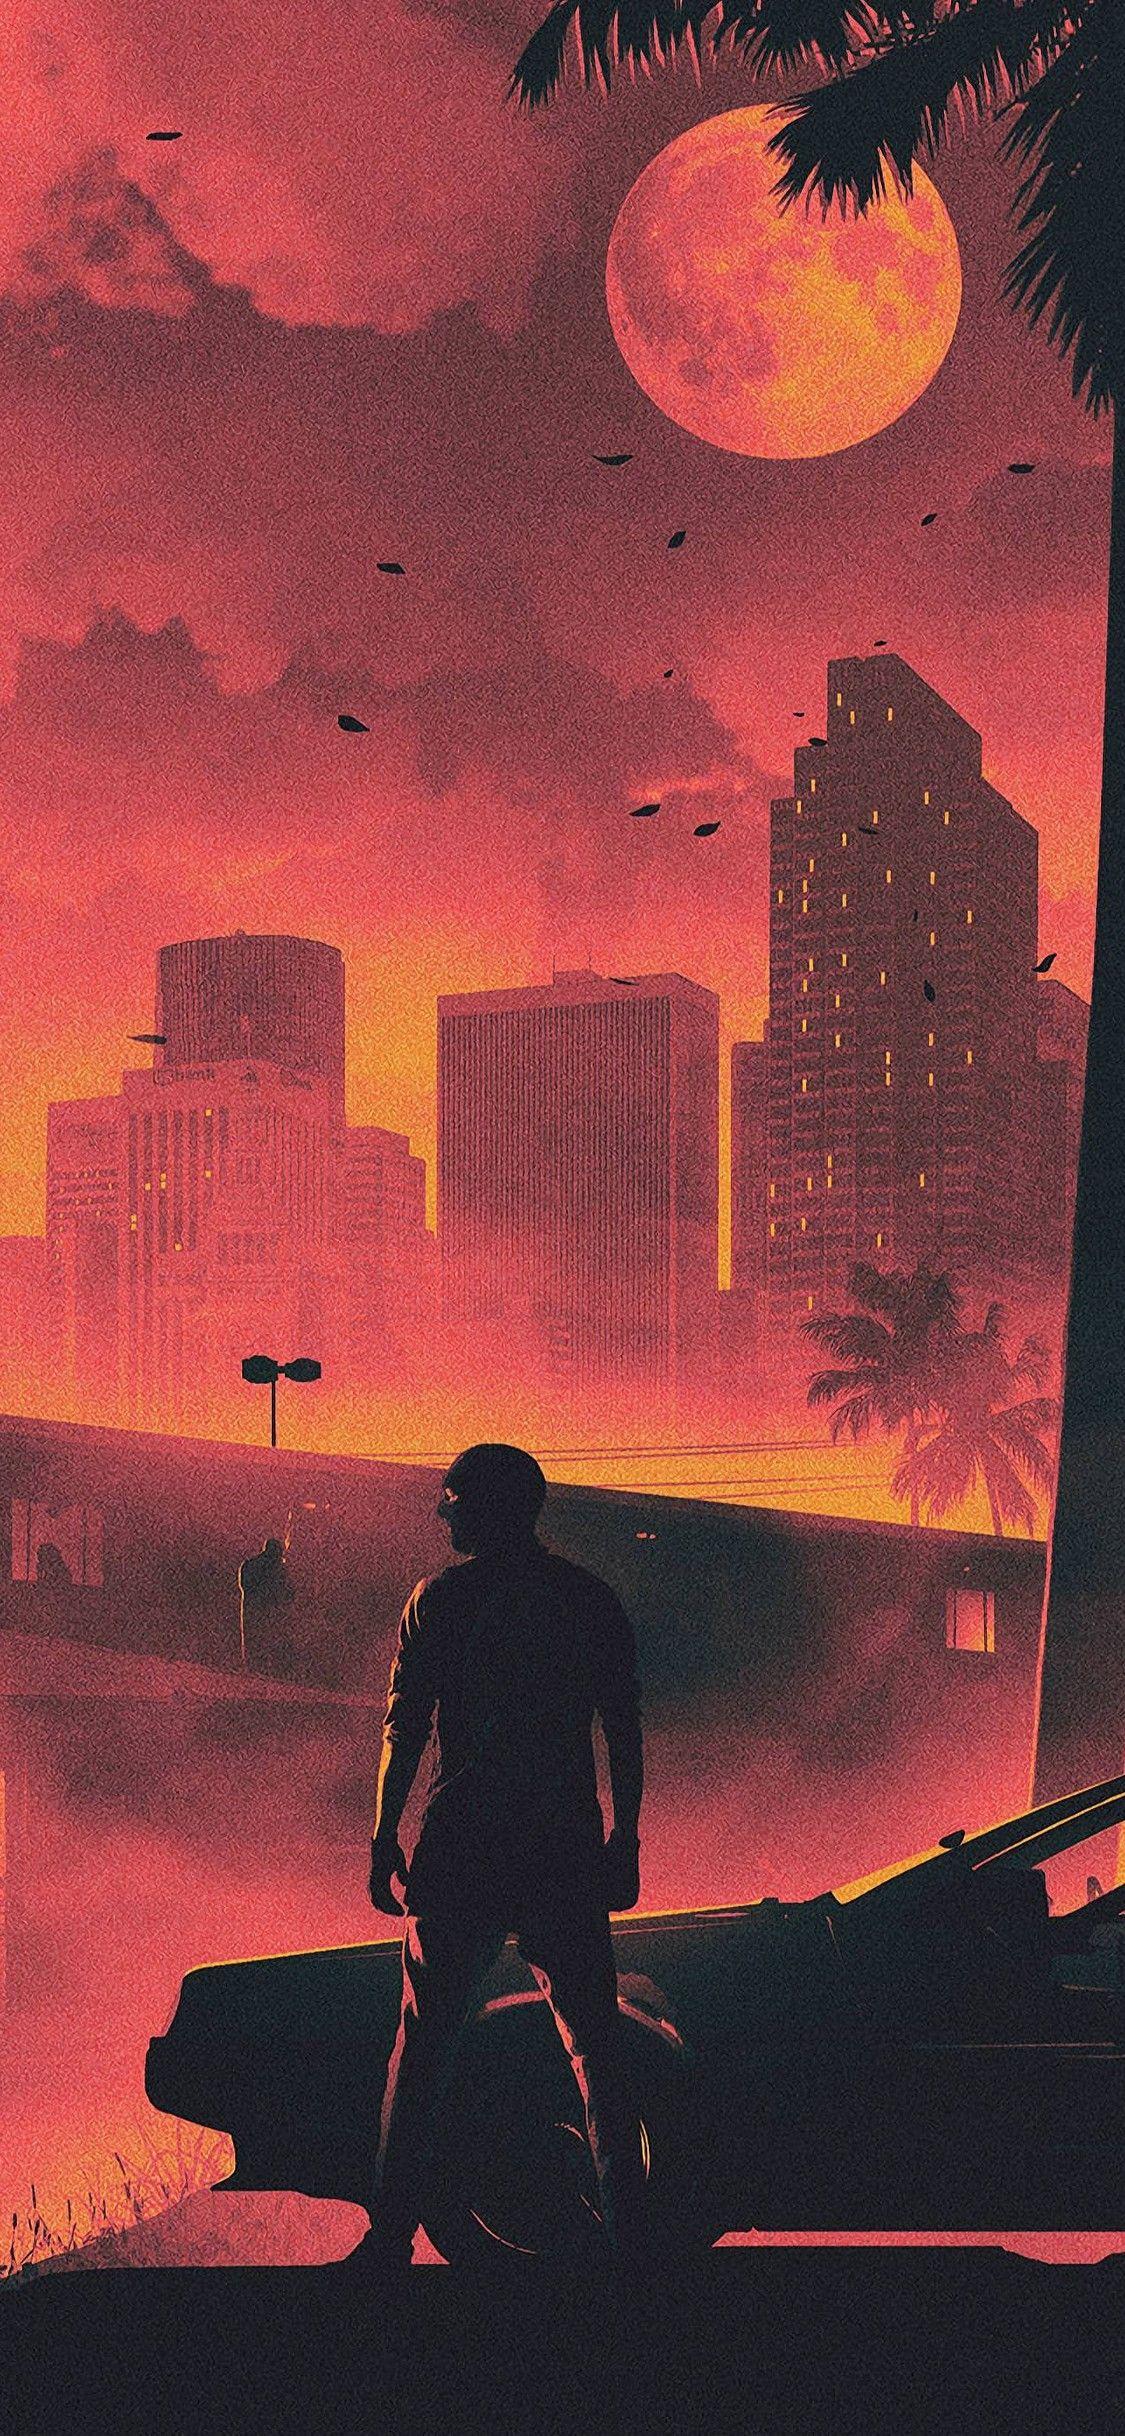 Hotline Miami Game Retro Style Dark Life Cityscape Iphone X